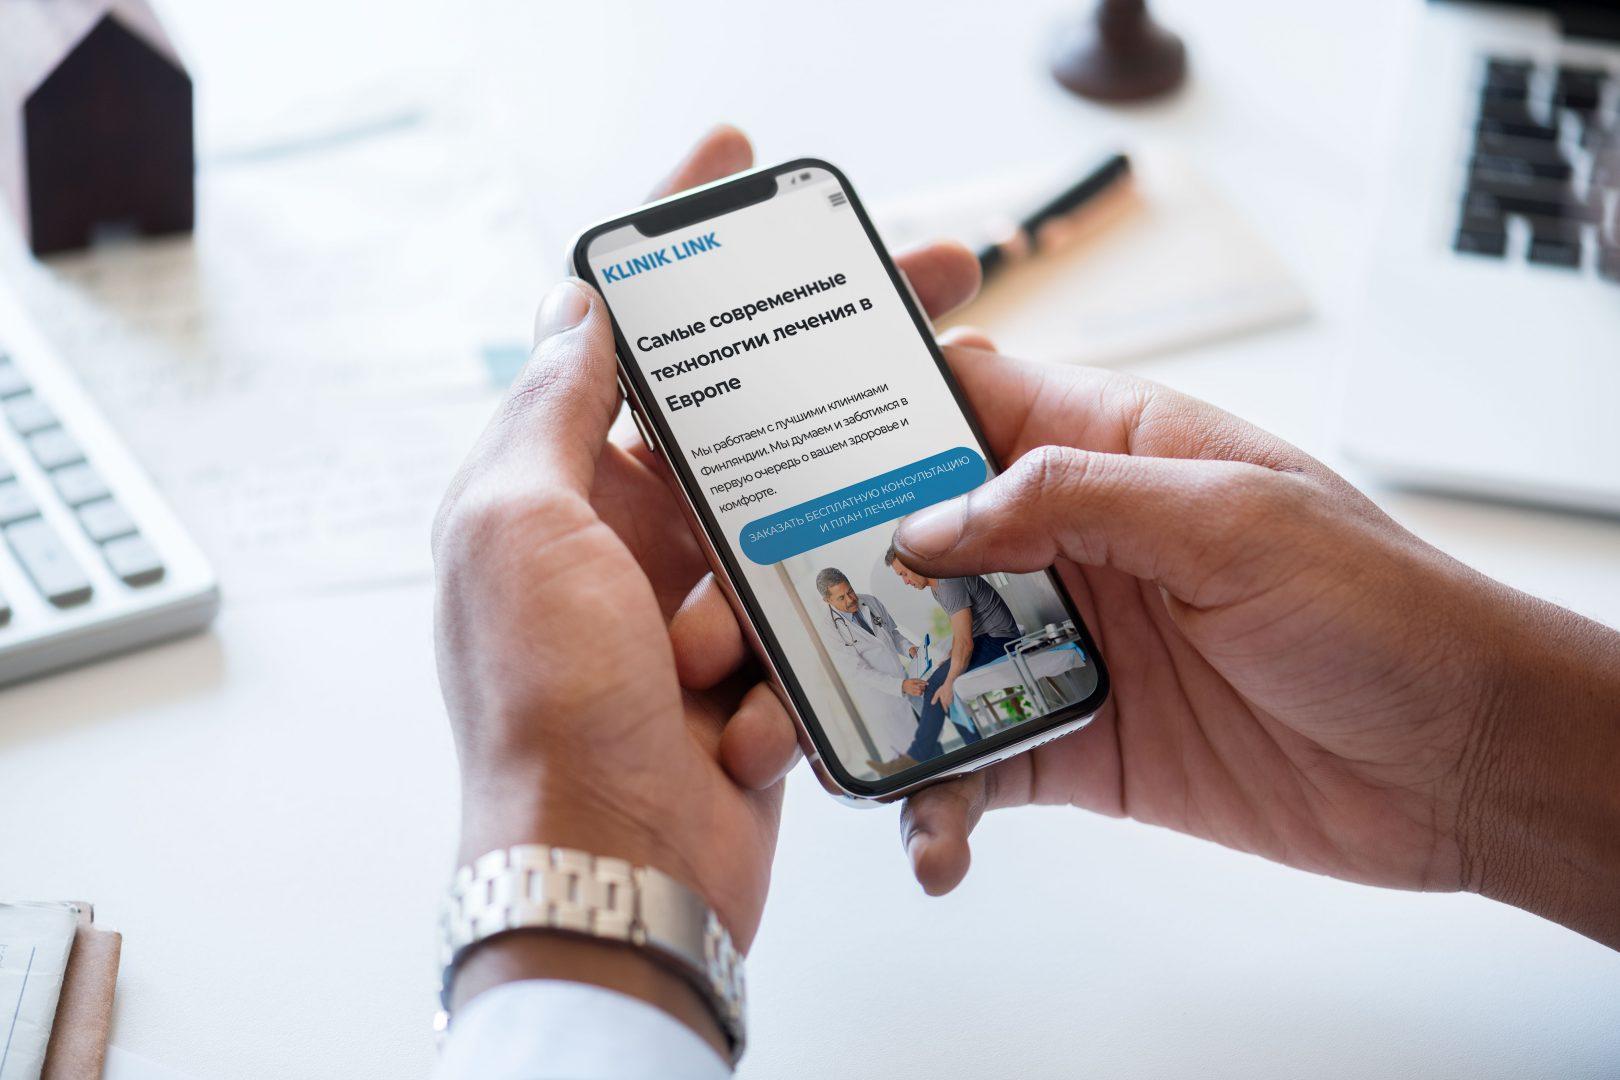 Klinik Link -sivusto mobiililaitteella katsottuna